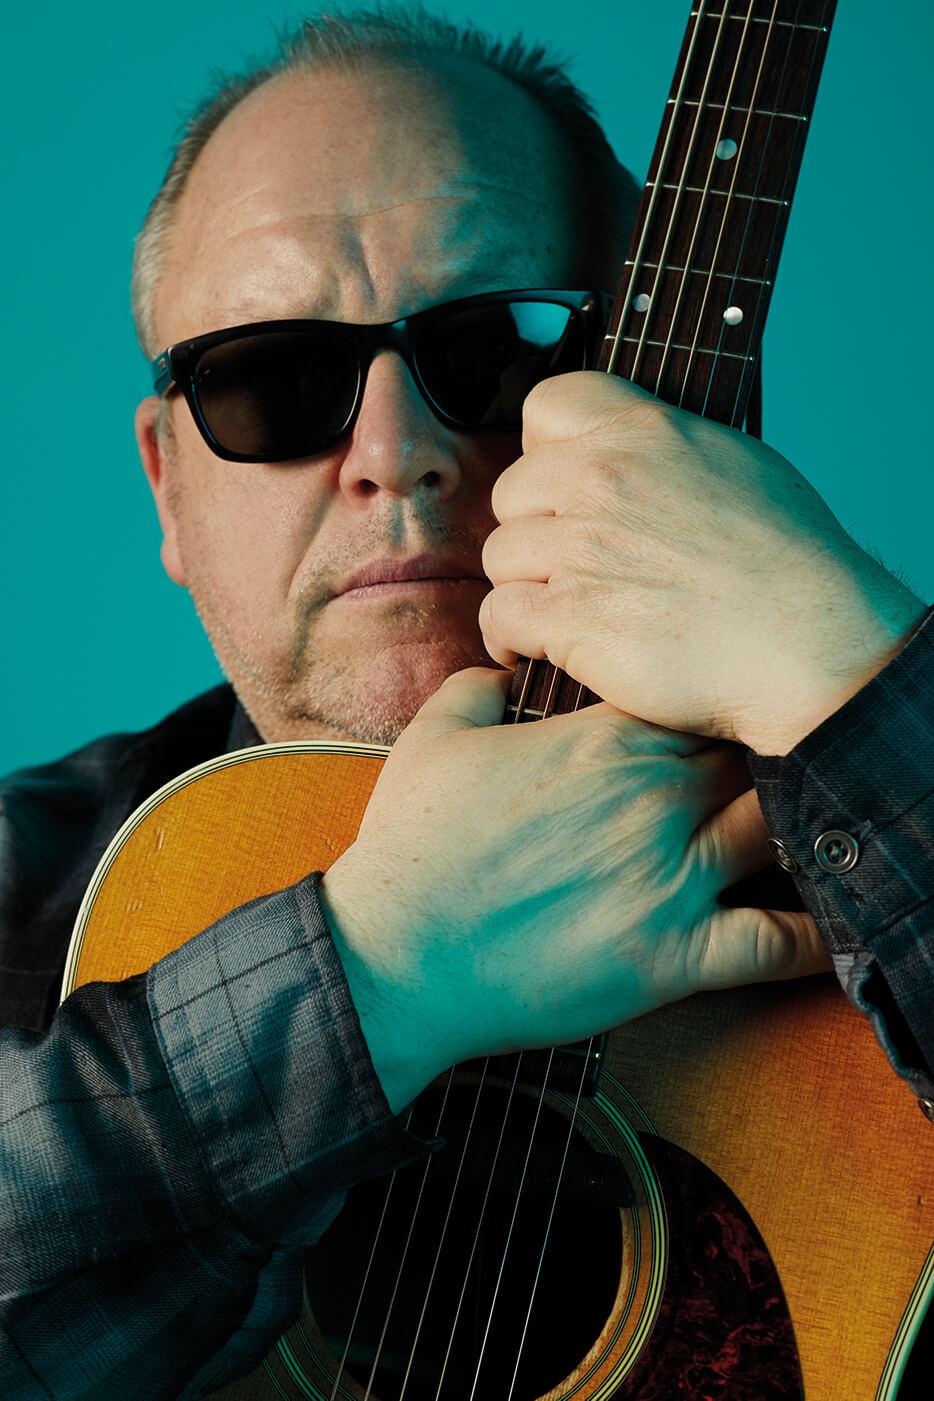 Pixies Black Francis portrait shot holding guitar neck